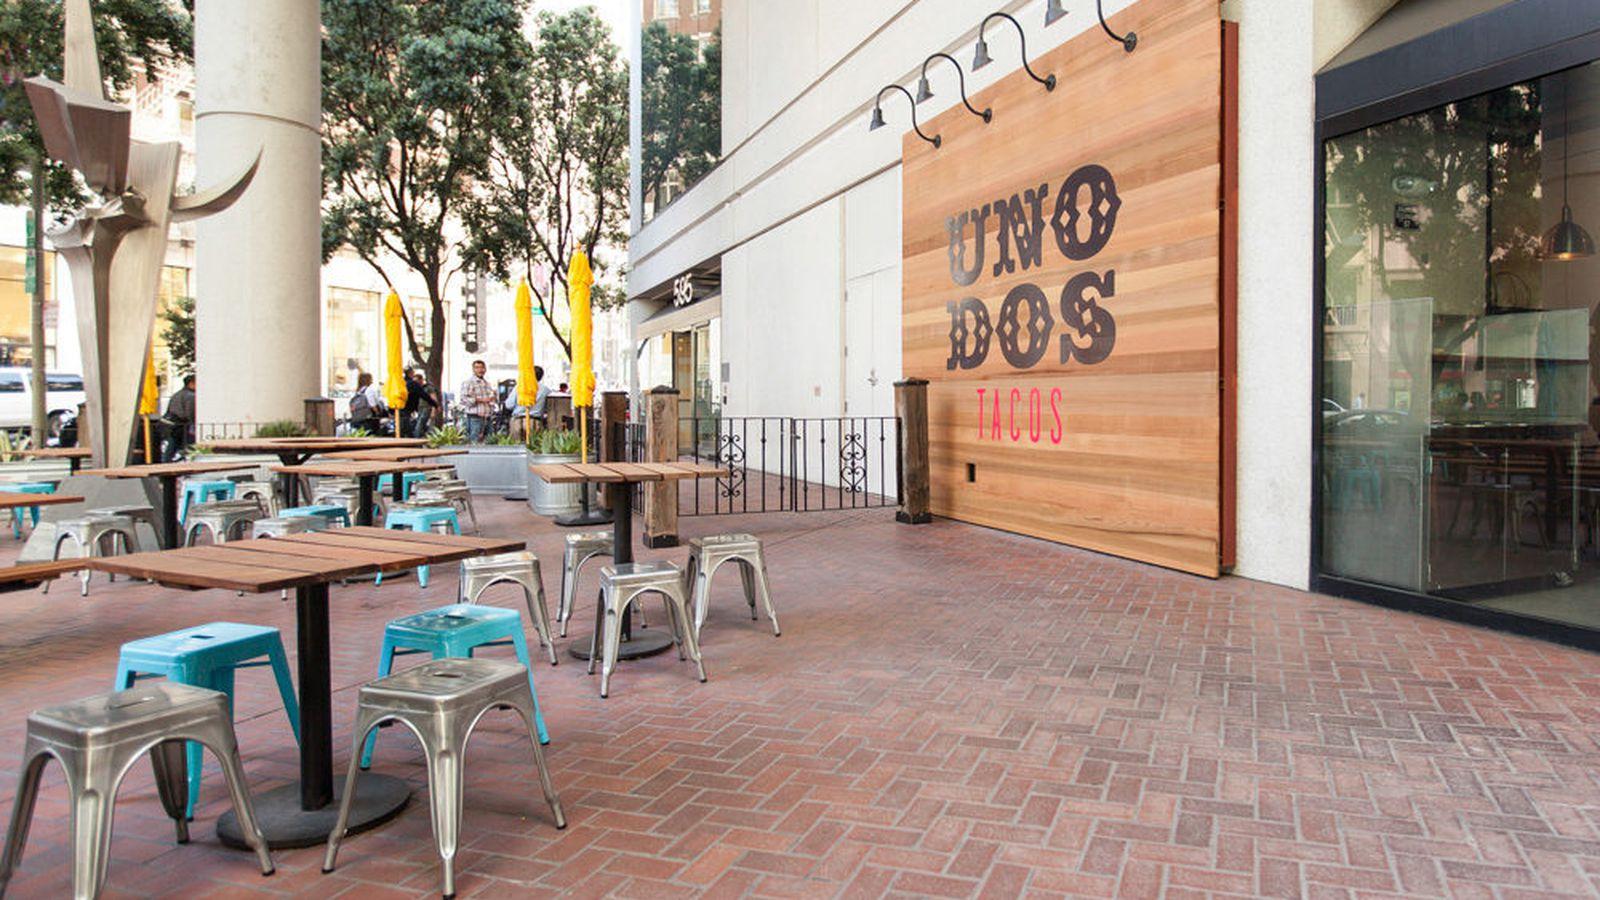 Meet Uno Dos Tacos, A Massive Downtown Taqueria